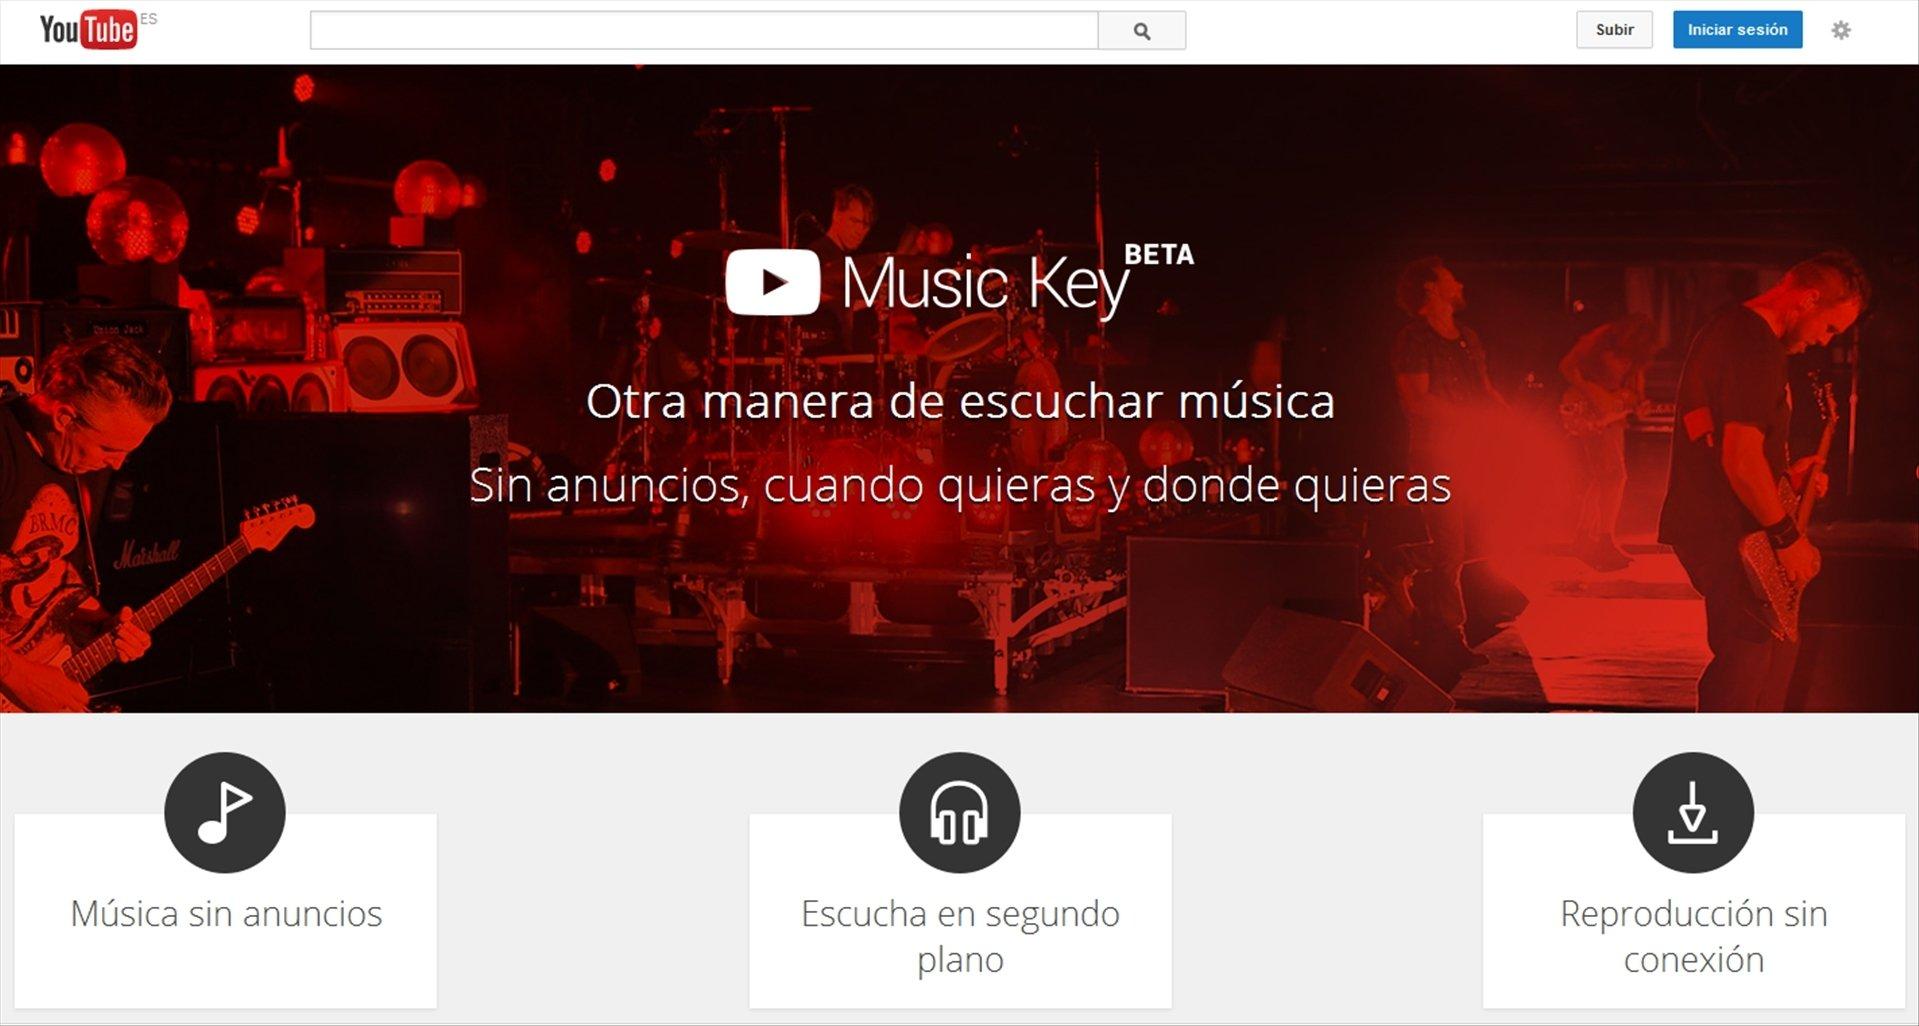 YouTube Music Key Webapps image 4